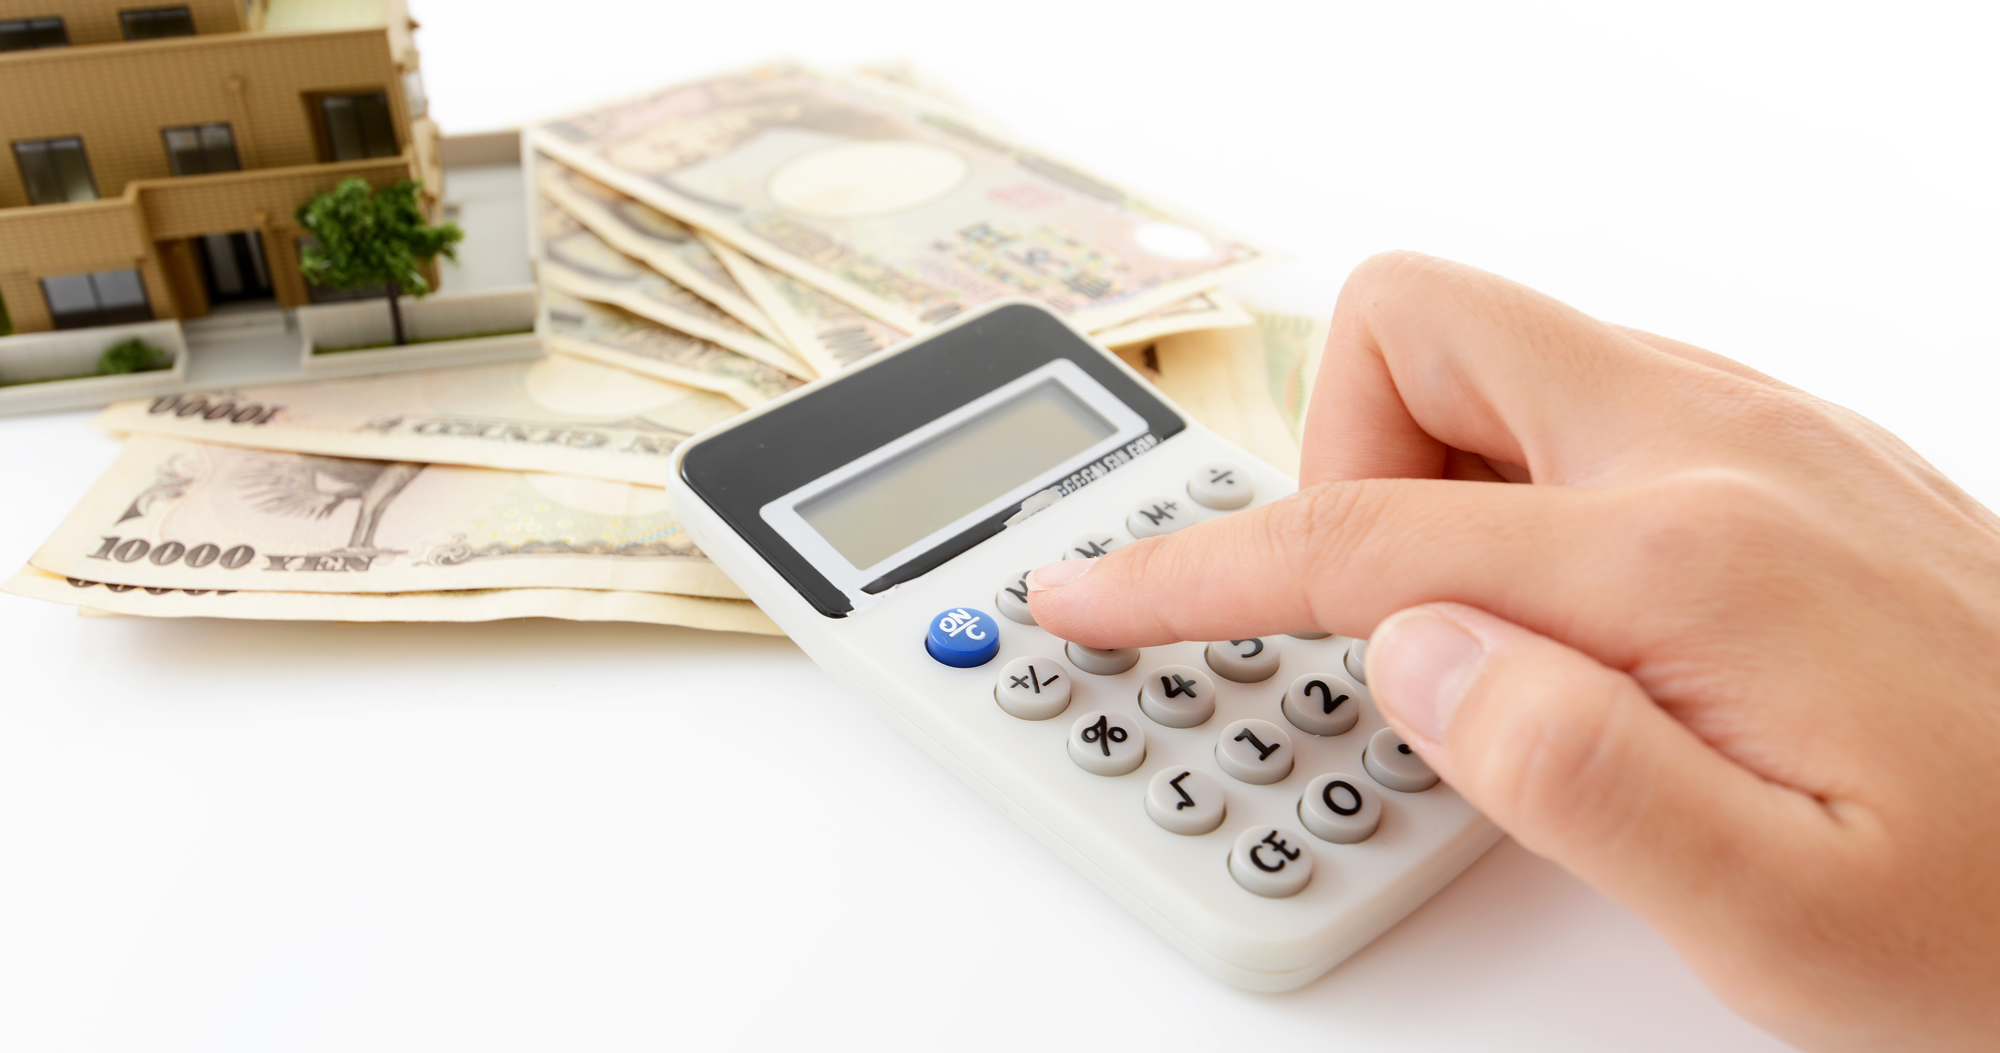 マンションへの不動産投資の初期費用を抑える方法は?